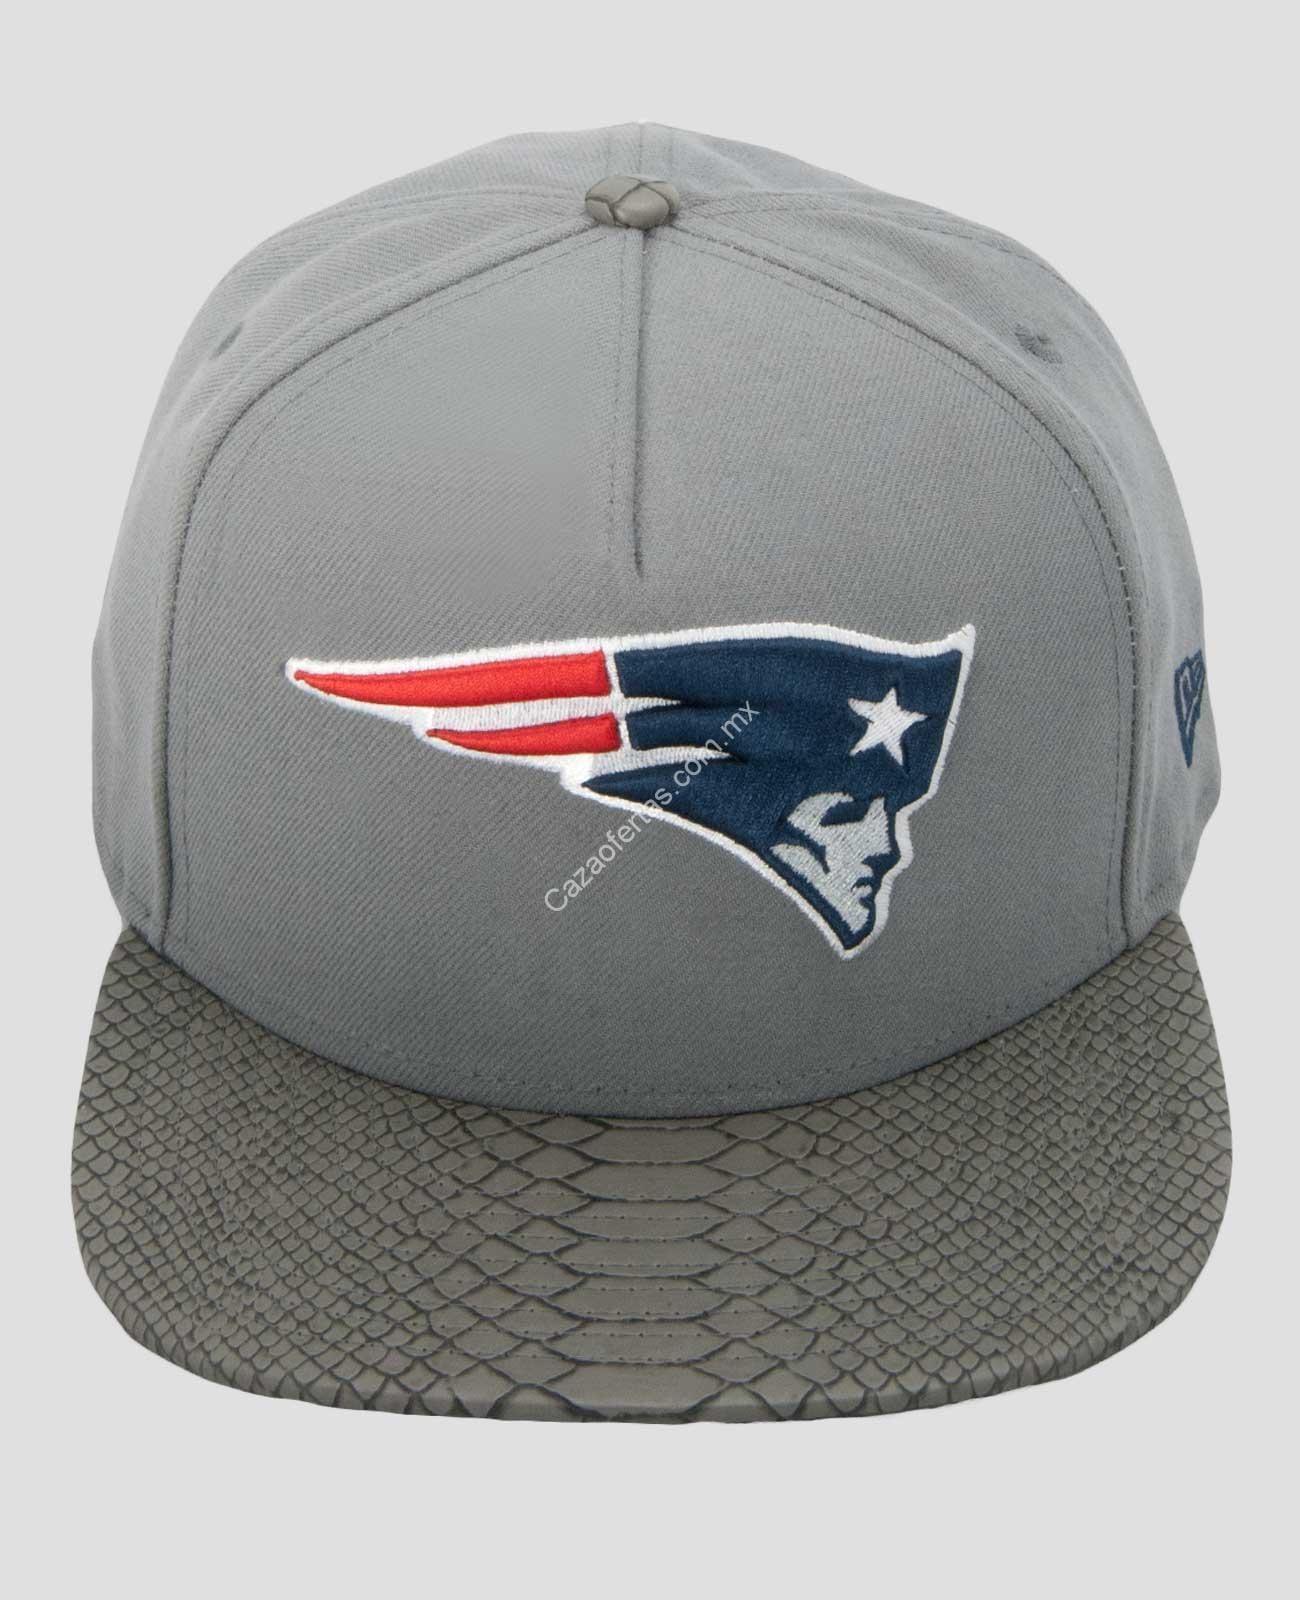 Gorras originales New Era Cap con descuento desde  104 en tienda online de  Promoda 1626dc91d54